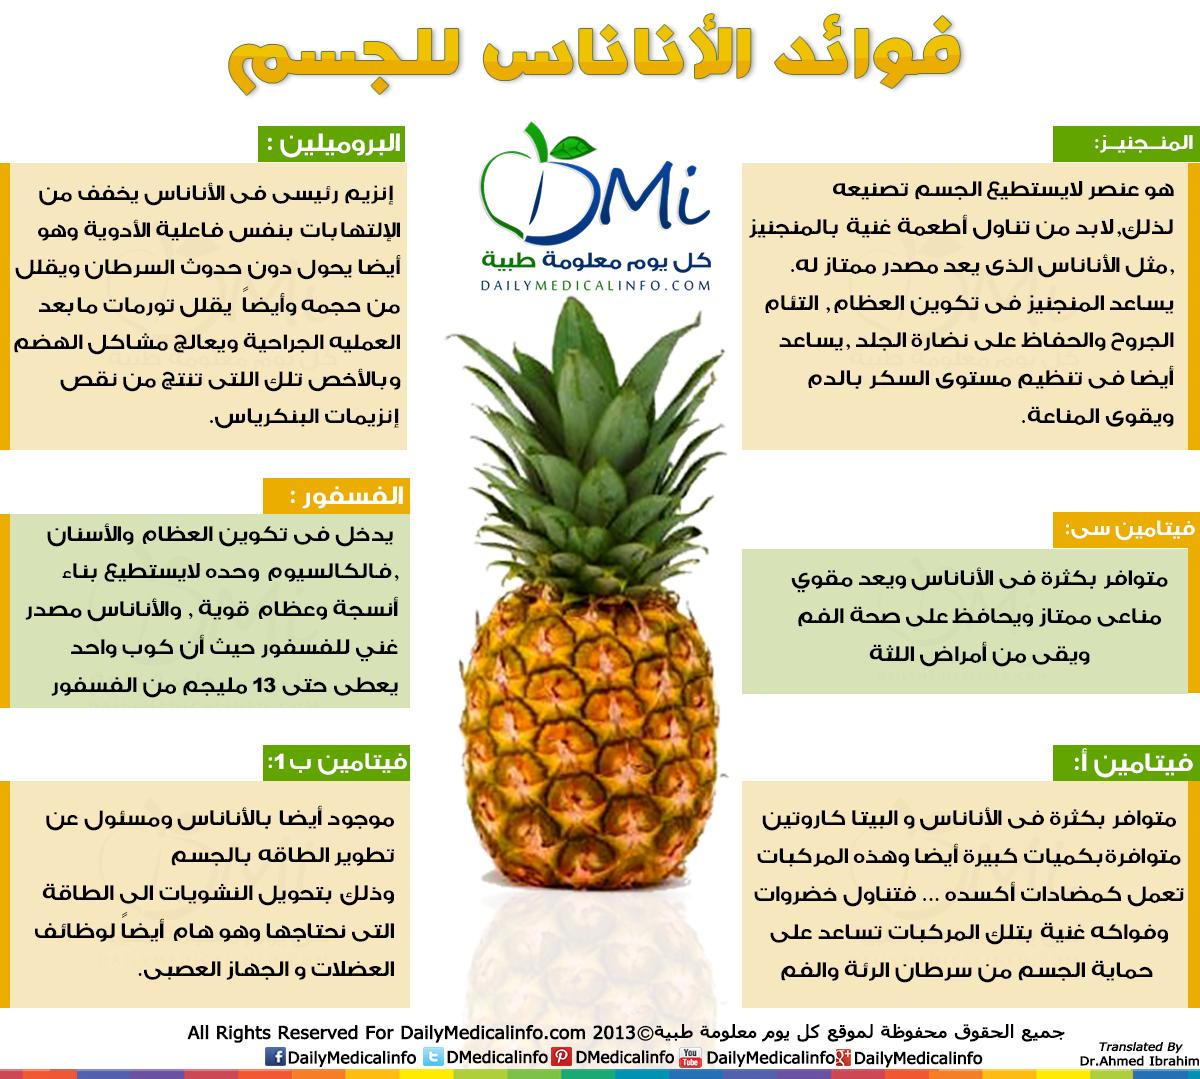 الأناناس فاكهة إستوائية عجيبة الشكل متفردة الخواص لذيذة الطعم عصيرية المحتوى ليمونية اللون Healthy Drinks Smoothies Infographic Health Fruit Benefits